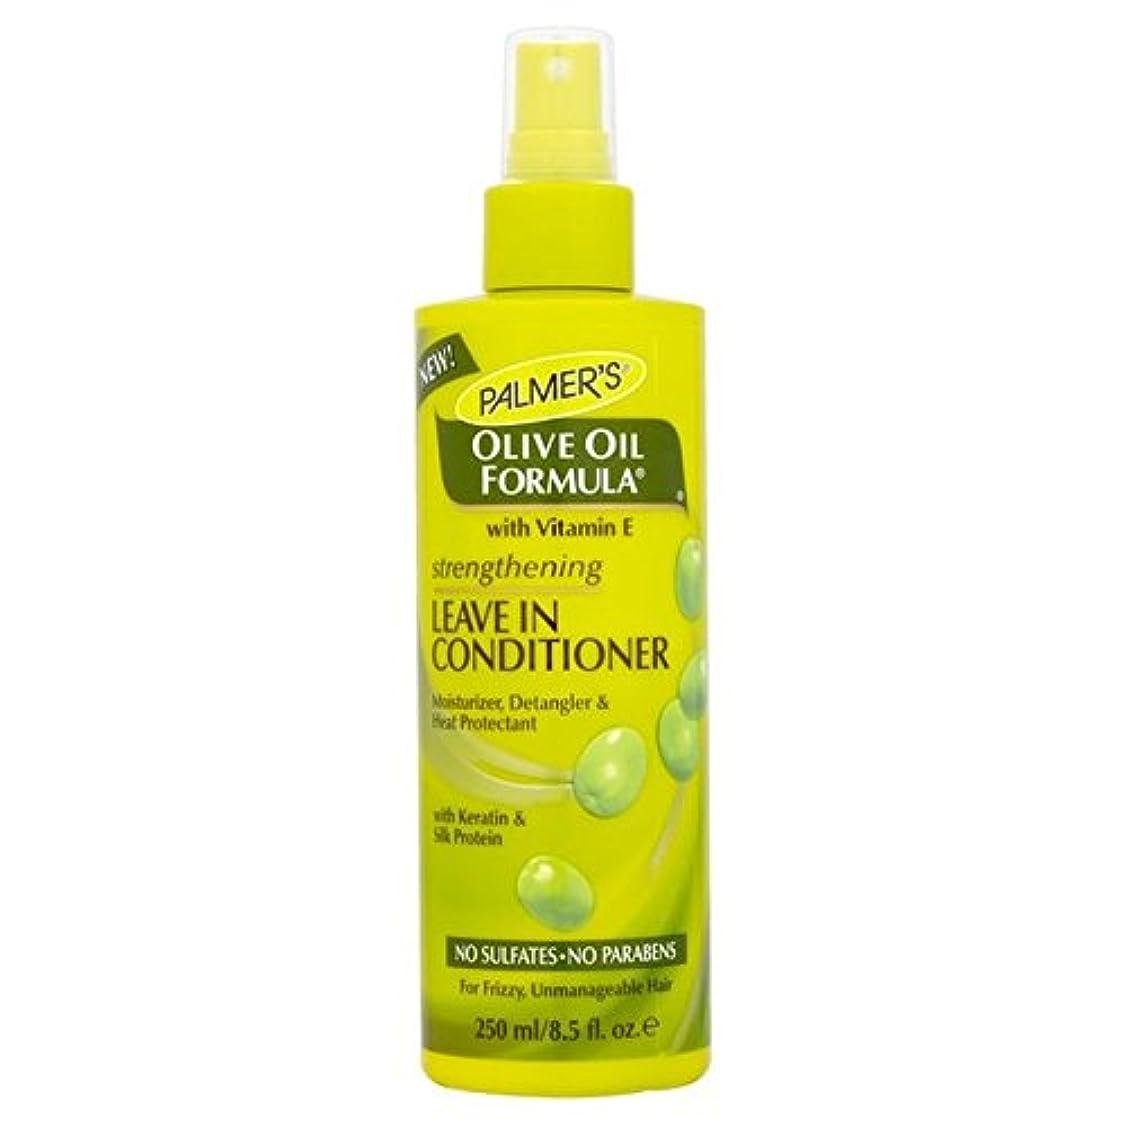 ファンネルウェブスパイダーオーナー皮リーブインコンディショナー250を強化パーマーのオリーブオイル式 x4 - Palmer's Olive Oil Formula Strengthening Leave-in Conditioner 250ml (Pack of 4) [並行輸入品]